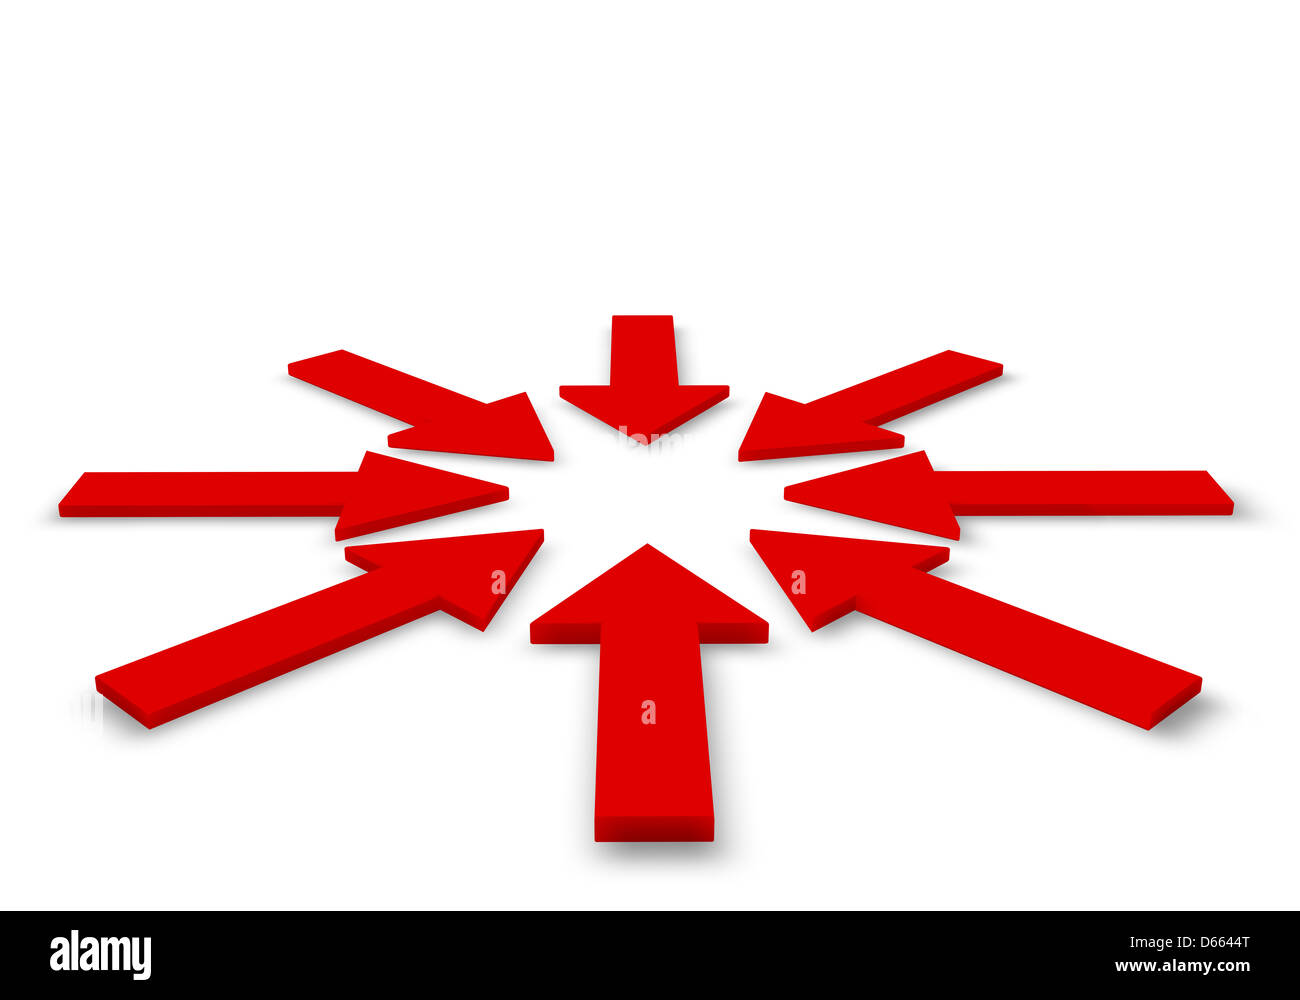 Rote Pfeile in 3D illustration Stockbild